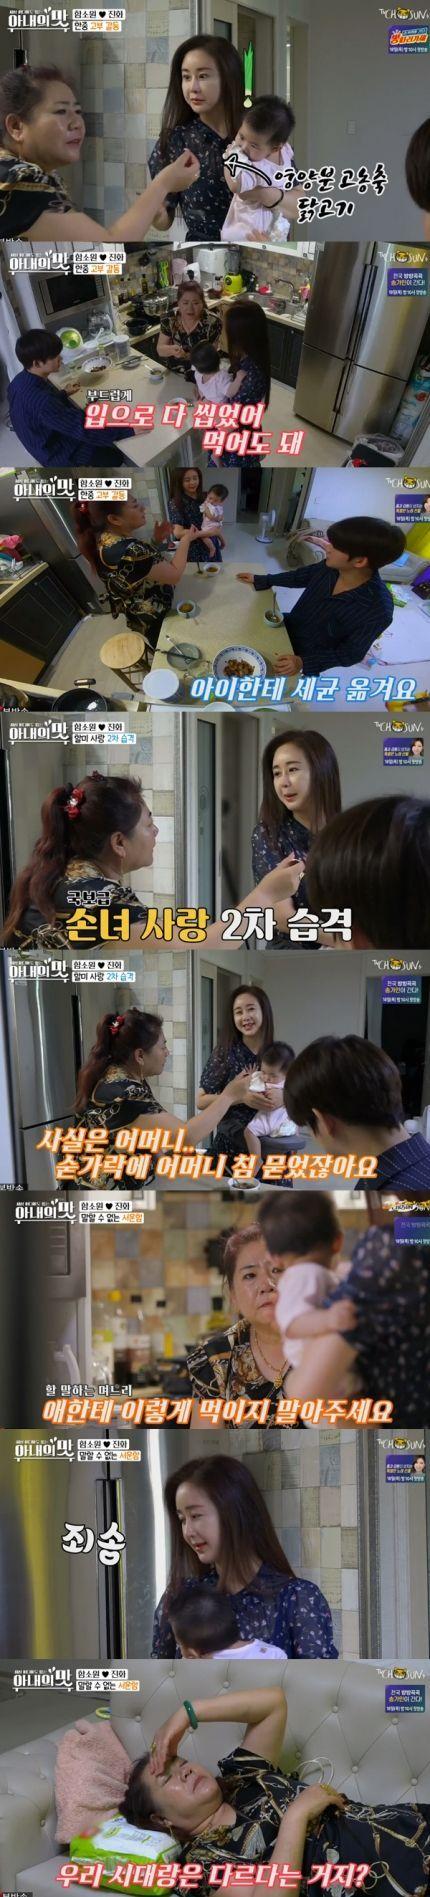 '아내의 맛' 함소원이 시어머니와의 육아 방식 차이로 갈등을 빚었다./사진=TV조선 방송 캡쳐